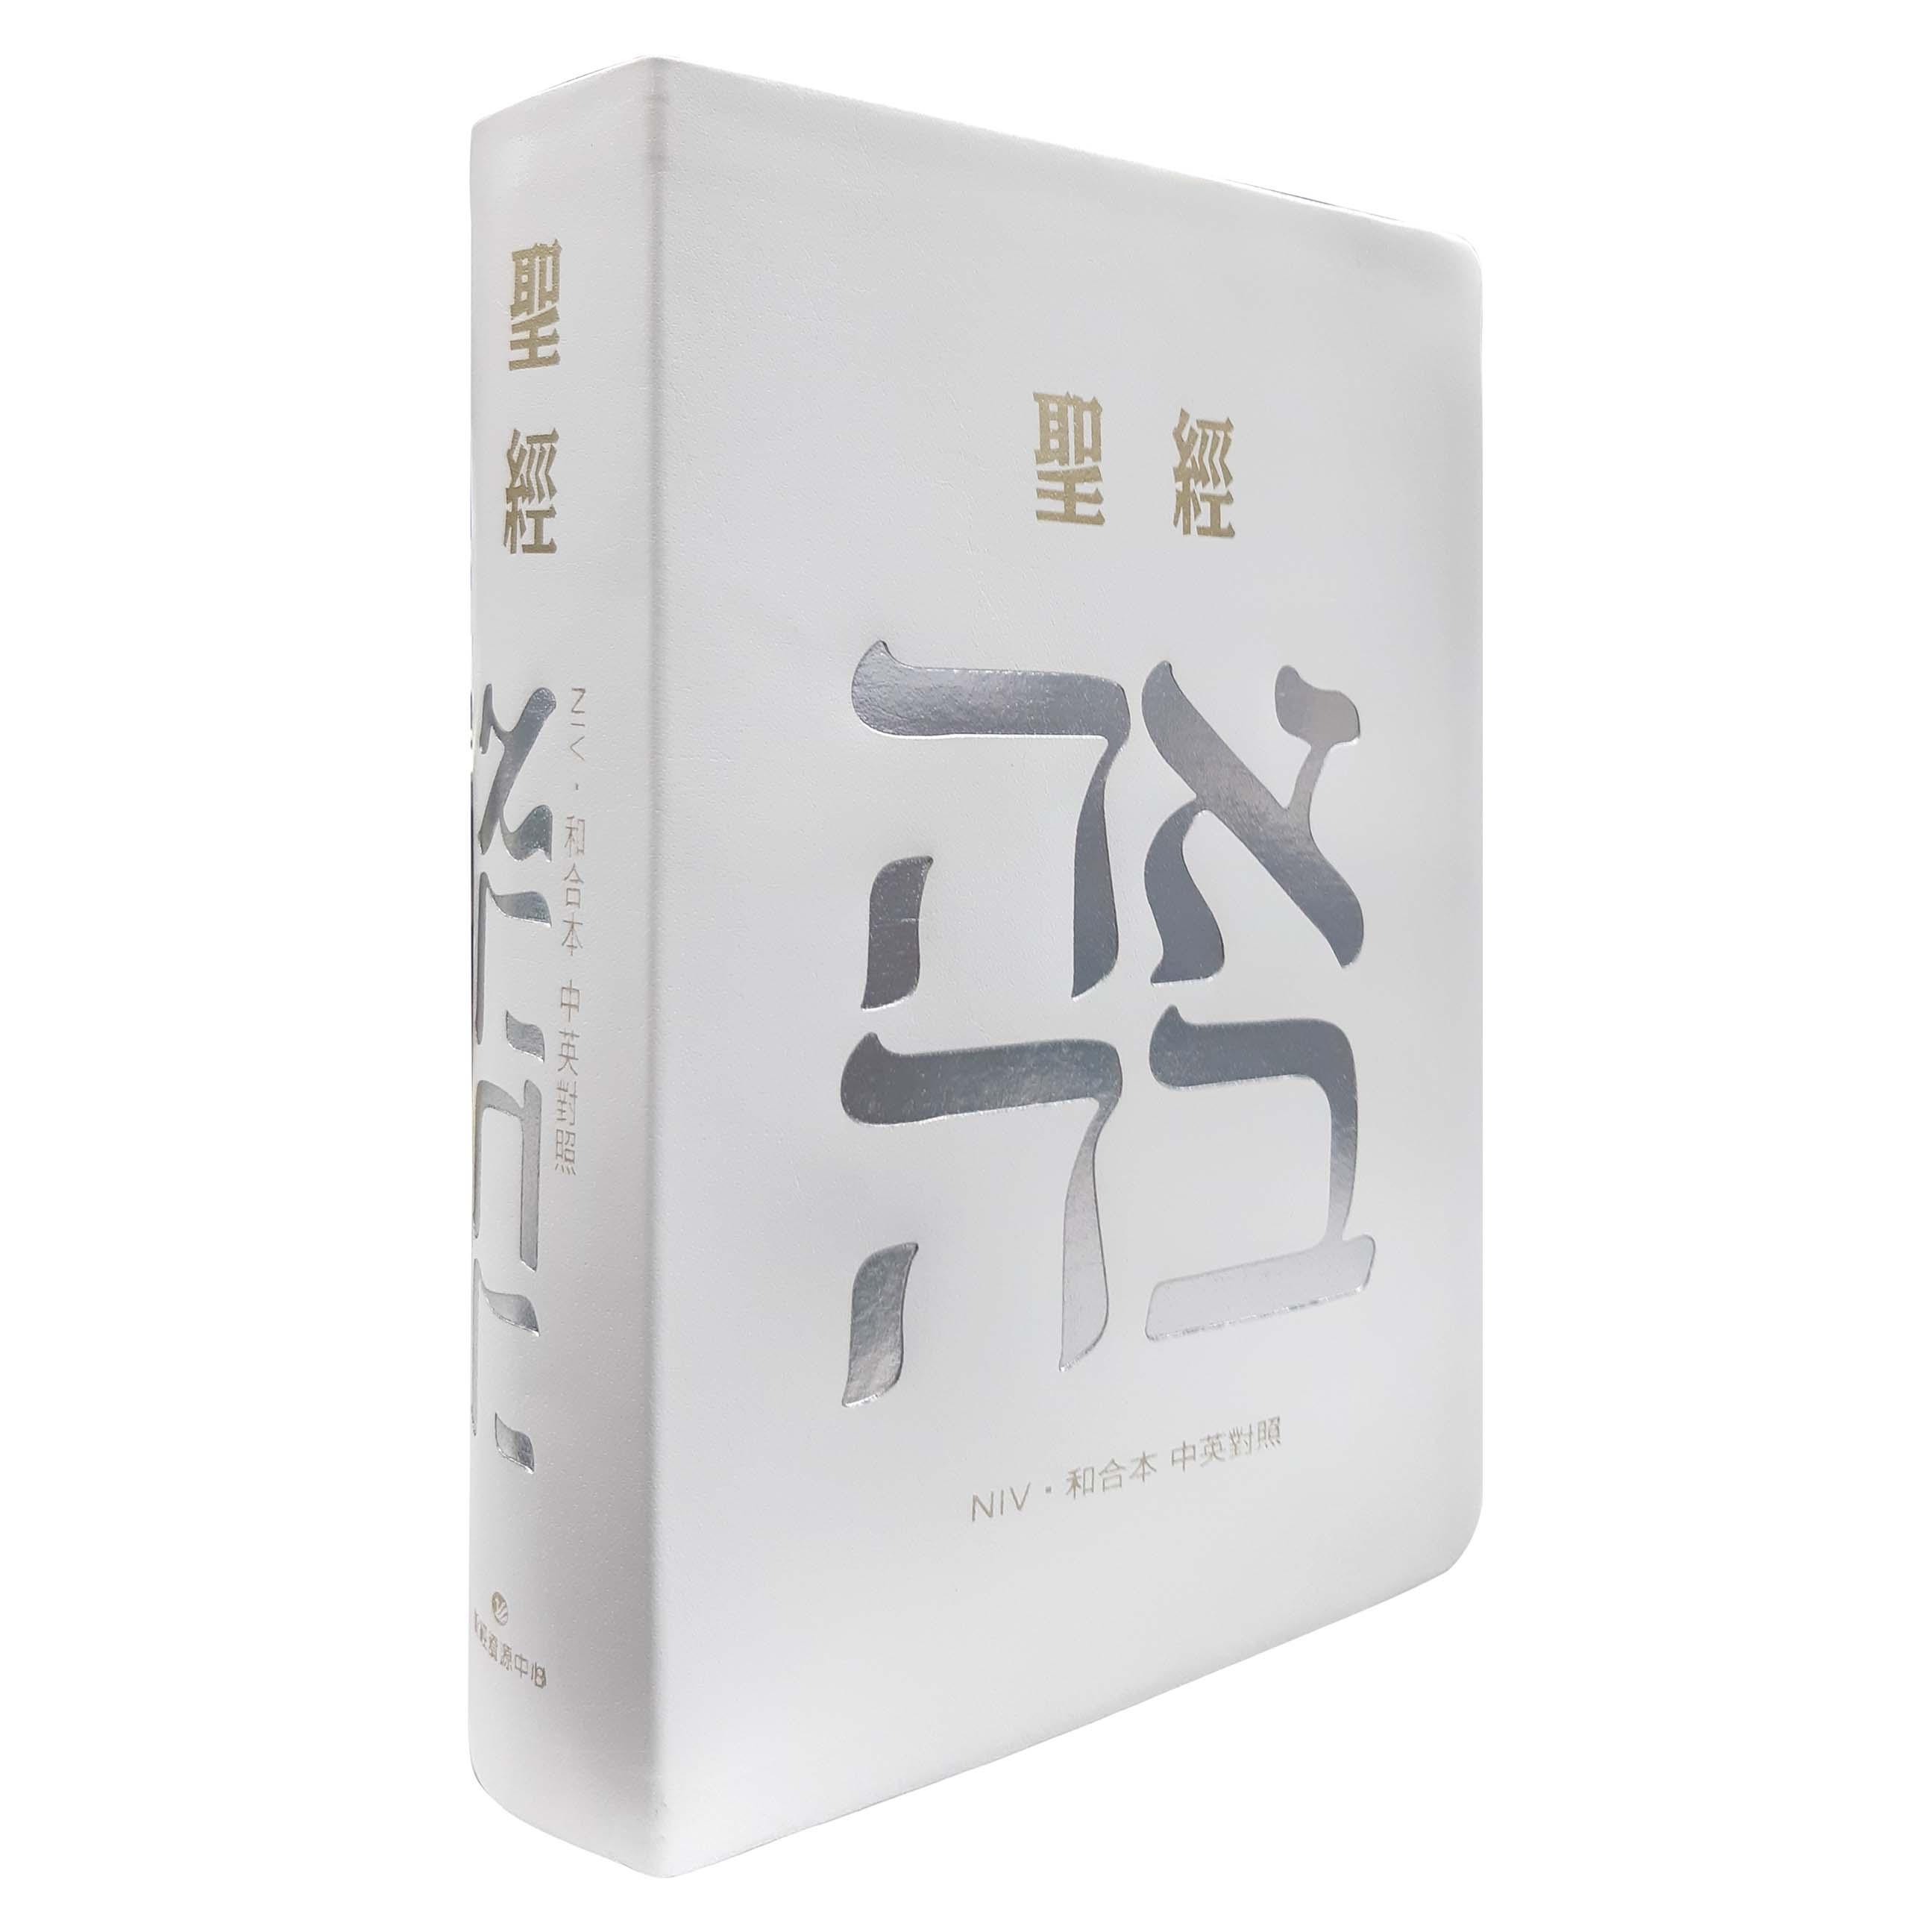 (白)皮面索引_7系列中英聖經(NIV/和合本)